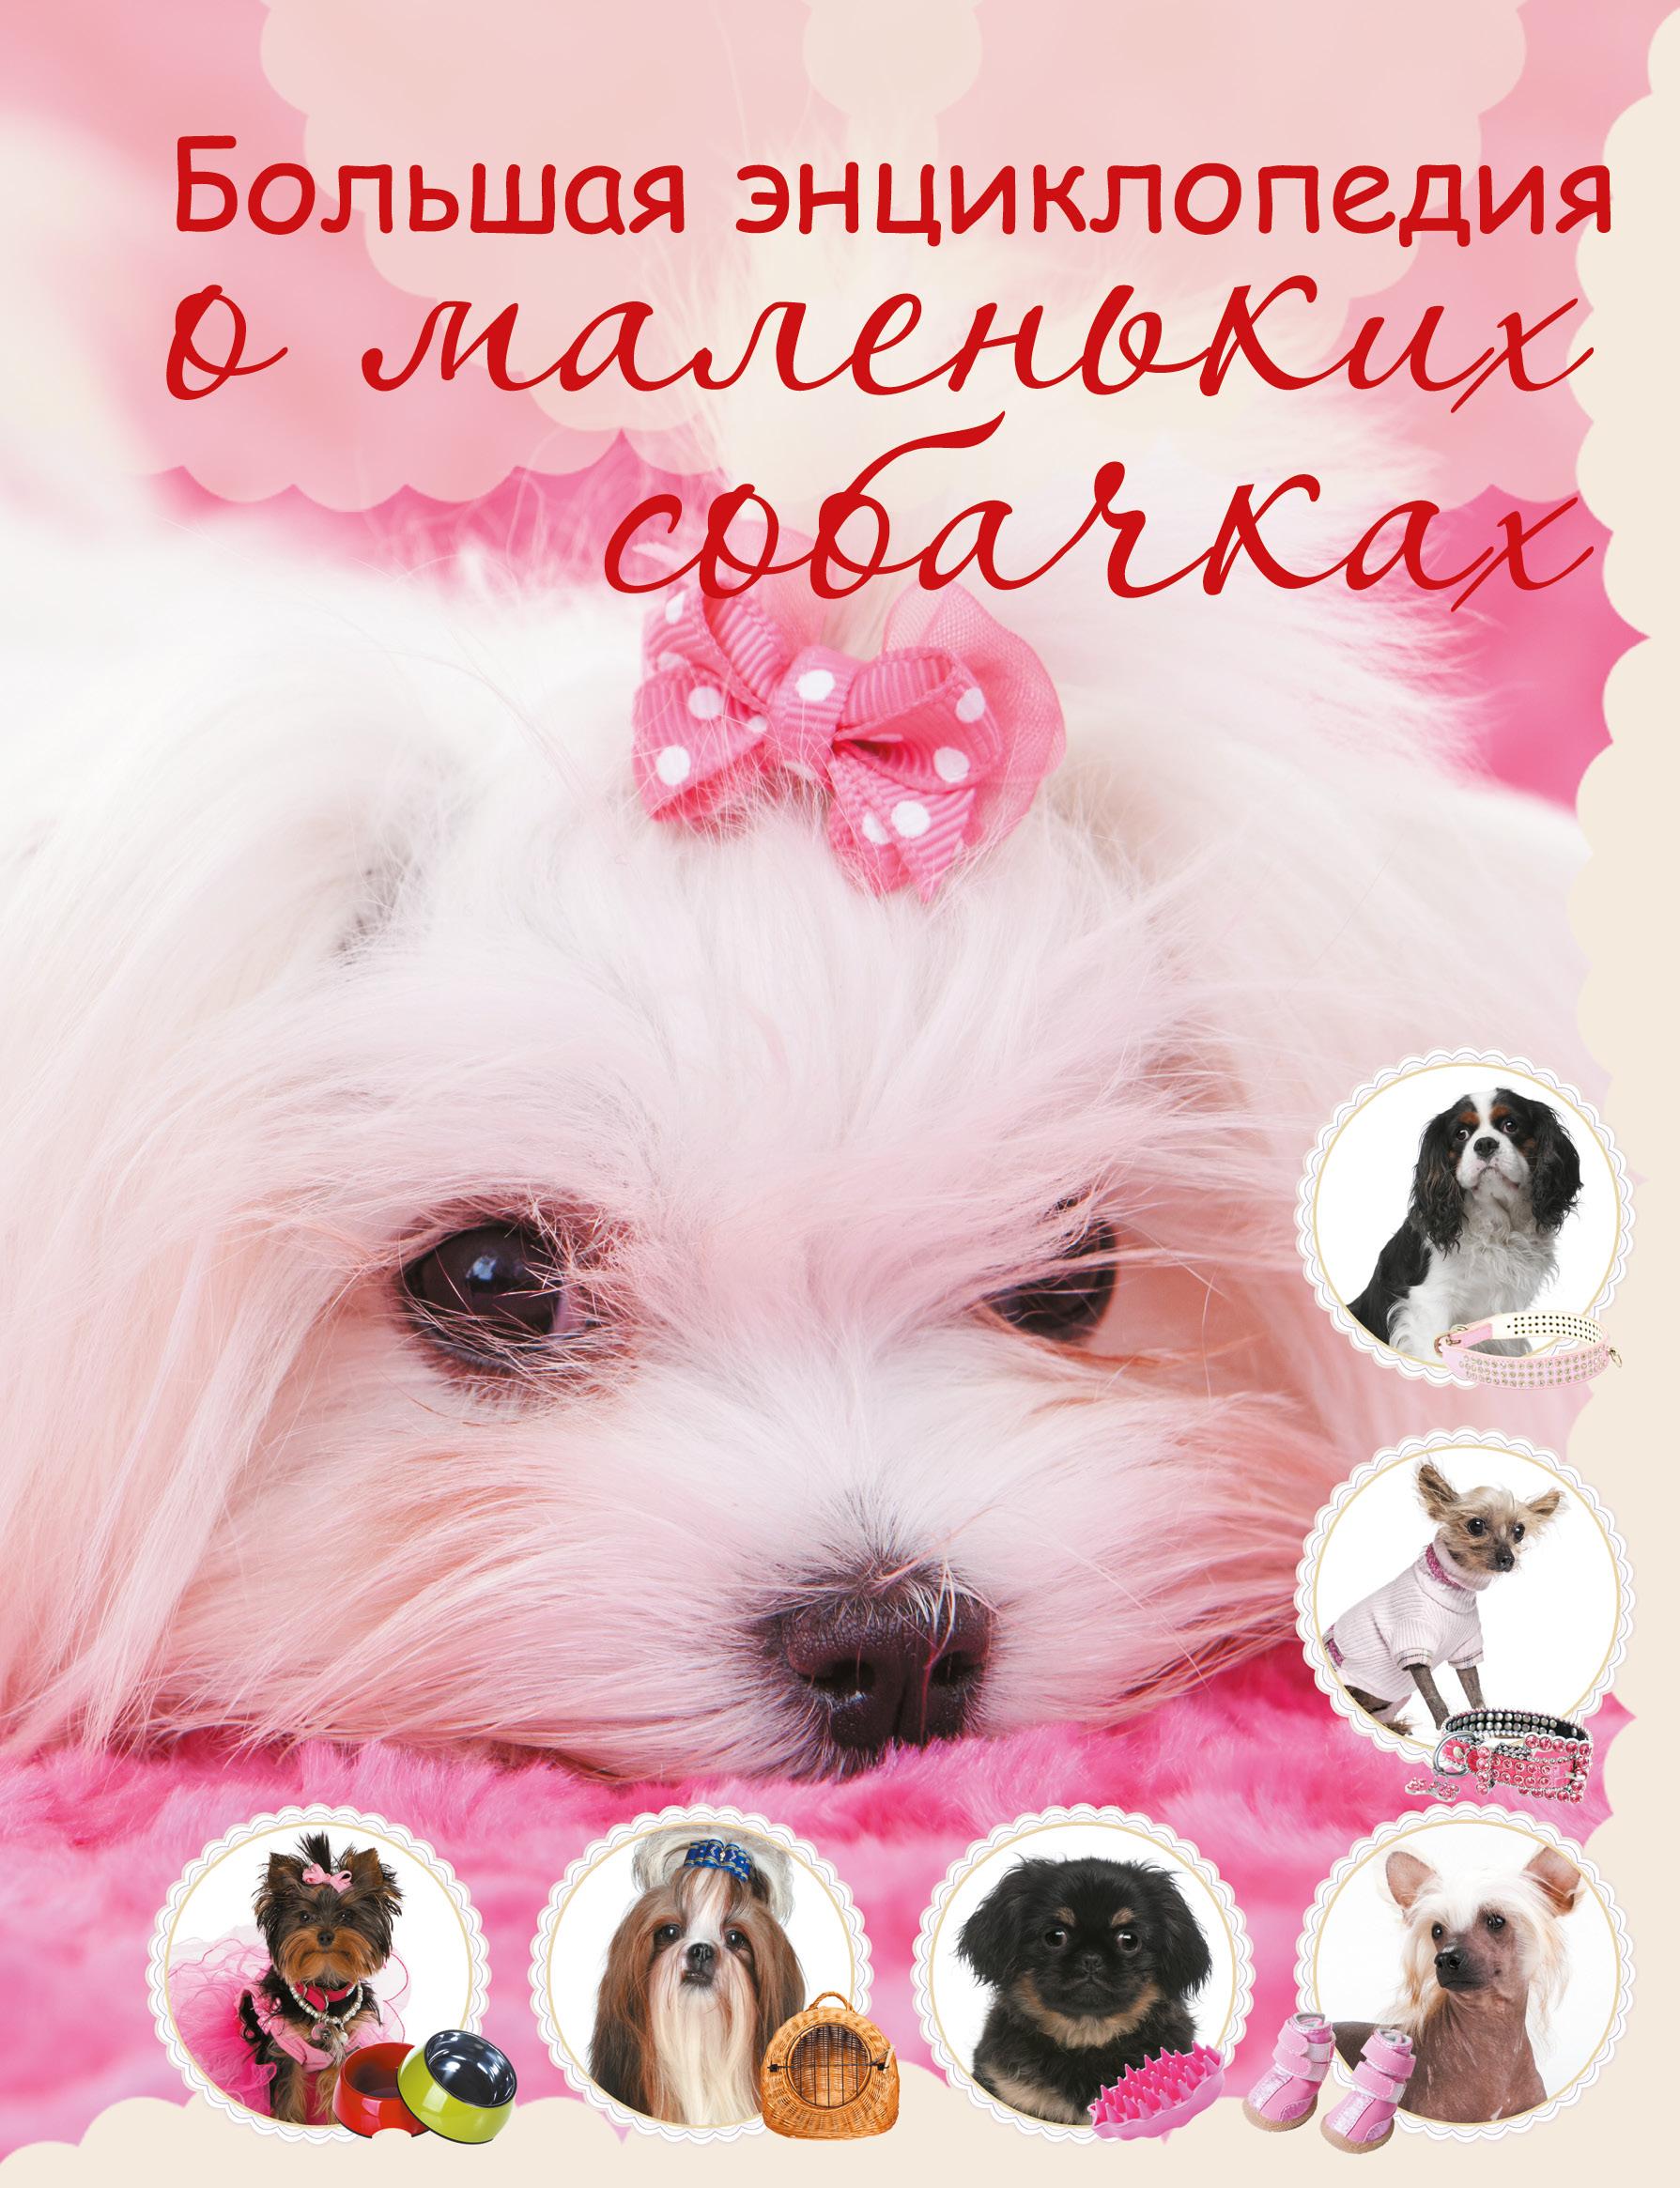 Большая энциклопедия о маленьких собачках от book24.ru